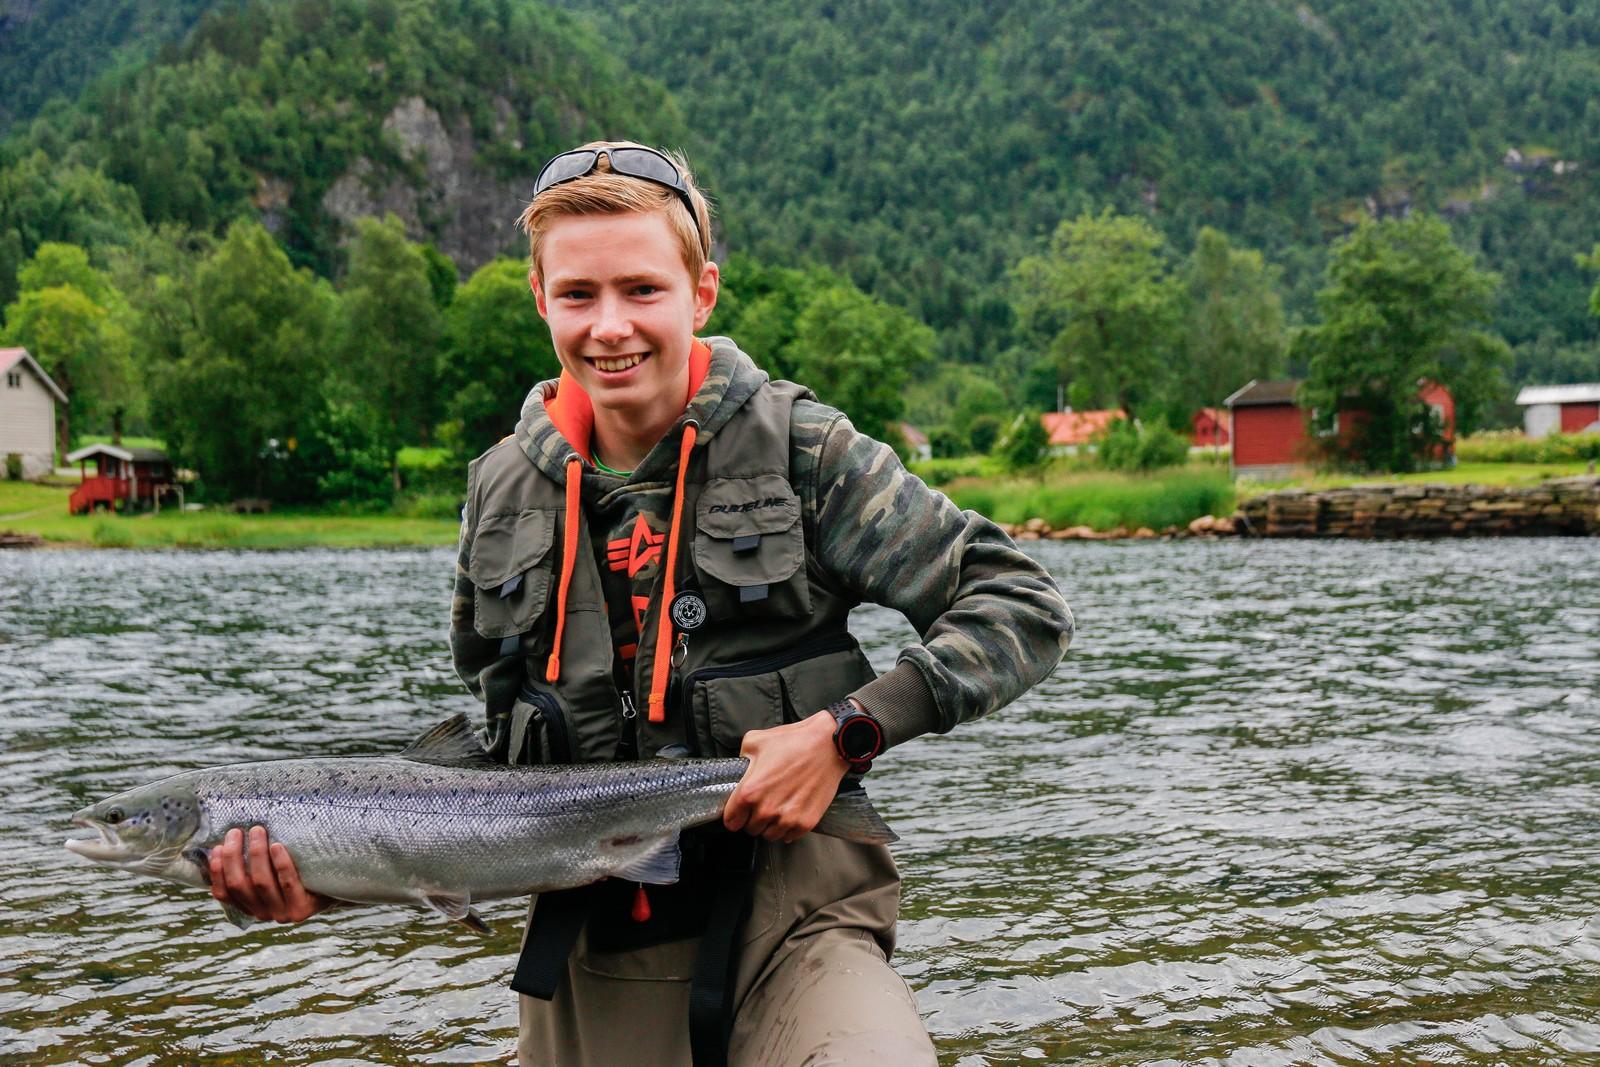 - Det er ei fantastisk kjensle når du drar i land ein slik ein, seier Torbjørn Espeset. Fangsten motiverer han til å fiske meir, og han er snart på plass langs elvebreidda med nye kast.